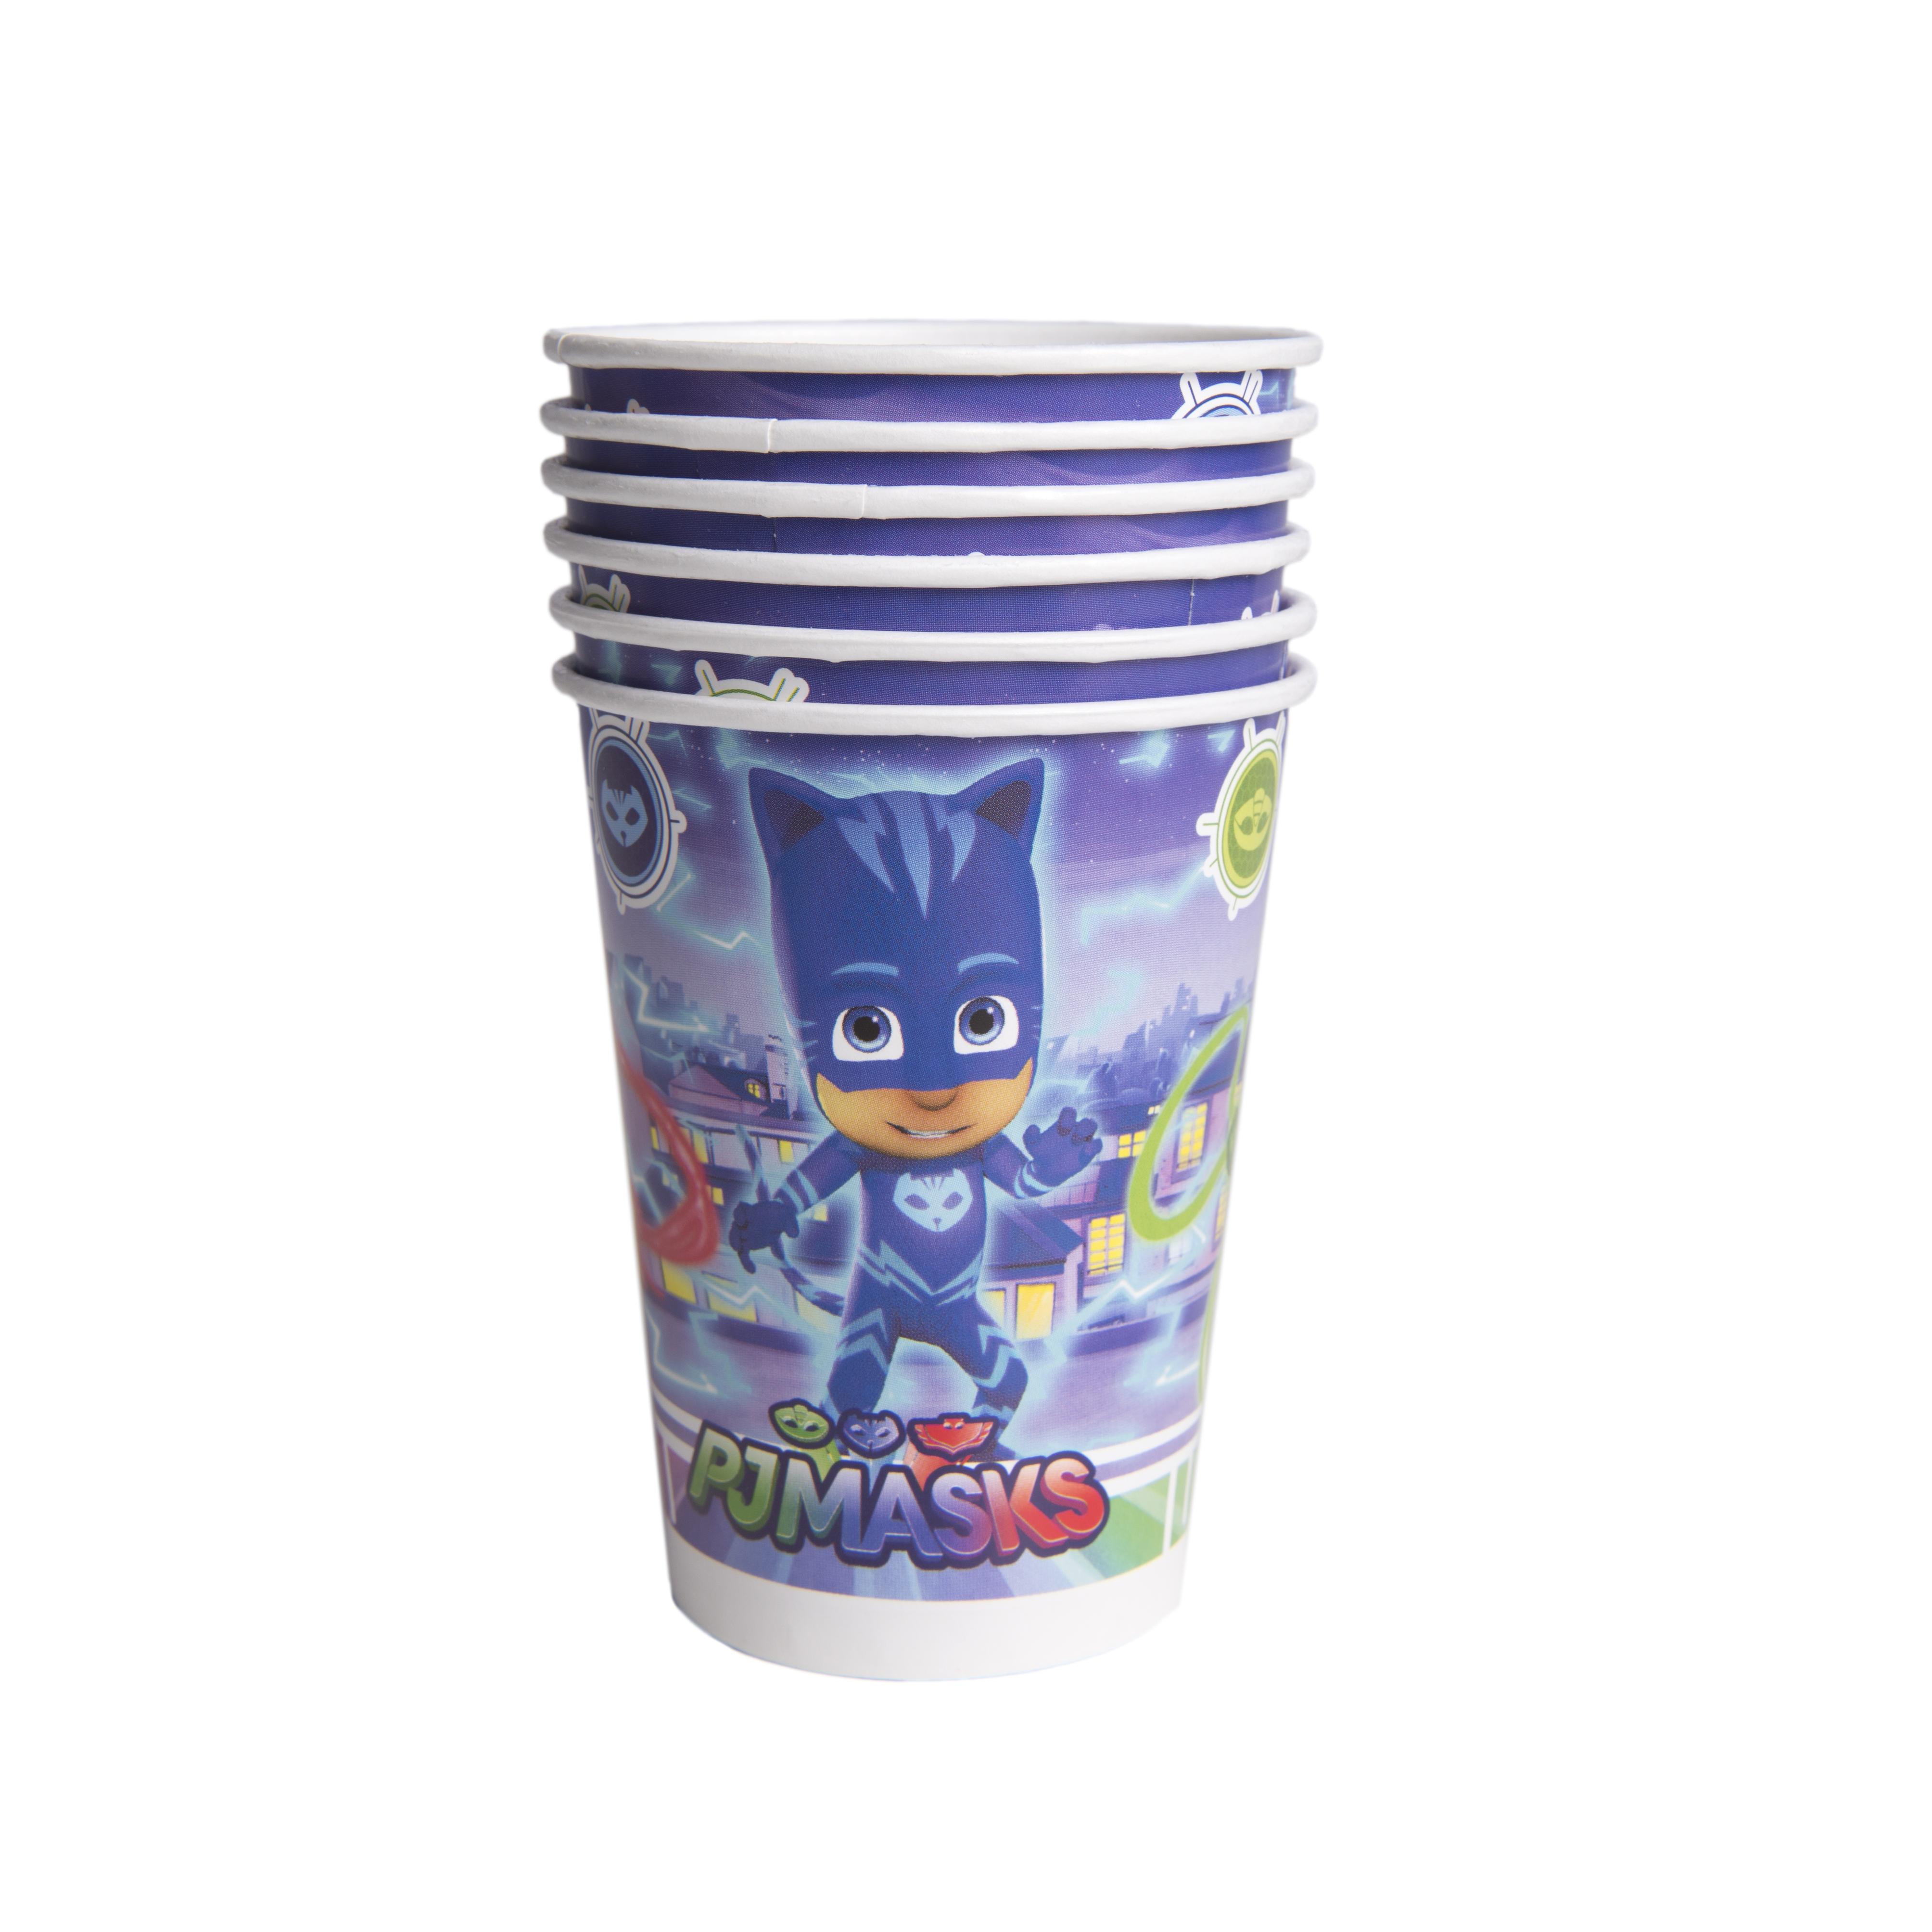 Набор стаканов PJ Masks Герои в масках pj masks набор толстых восковых карандашей герои в масках 8 цветов 34062